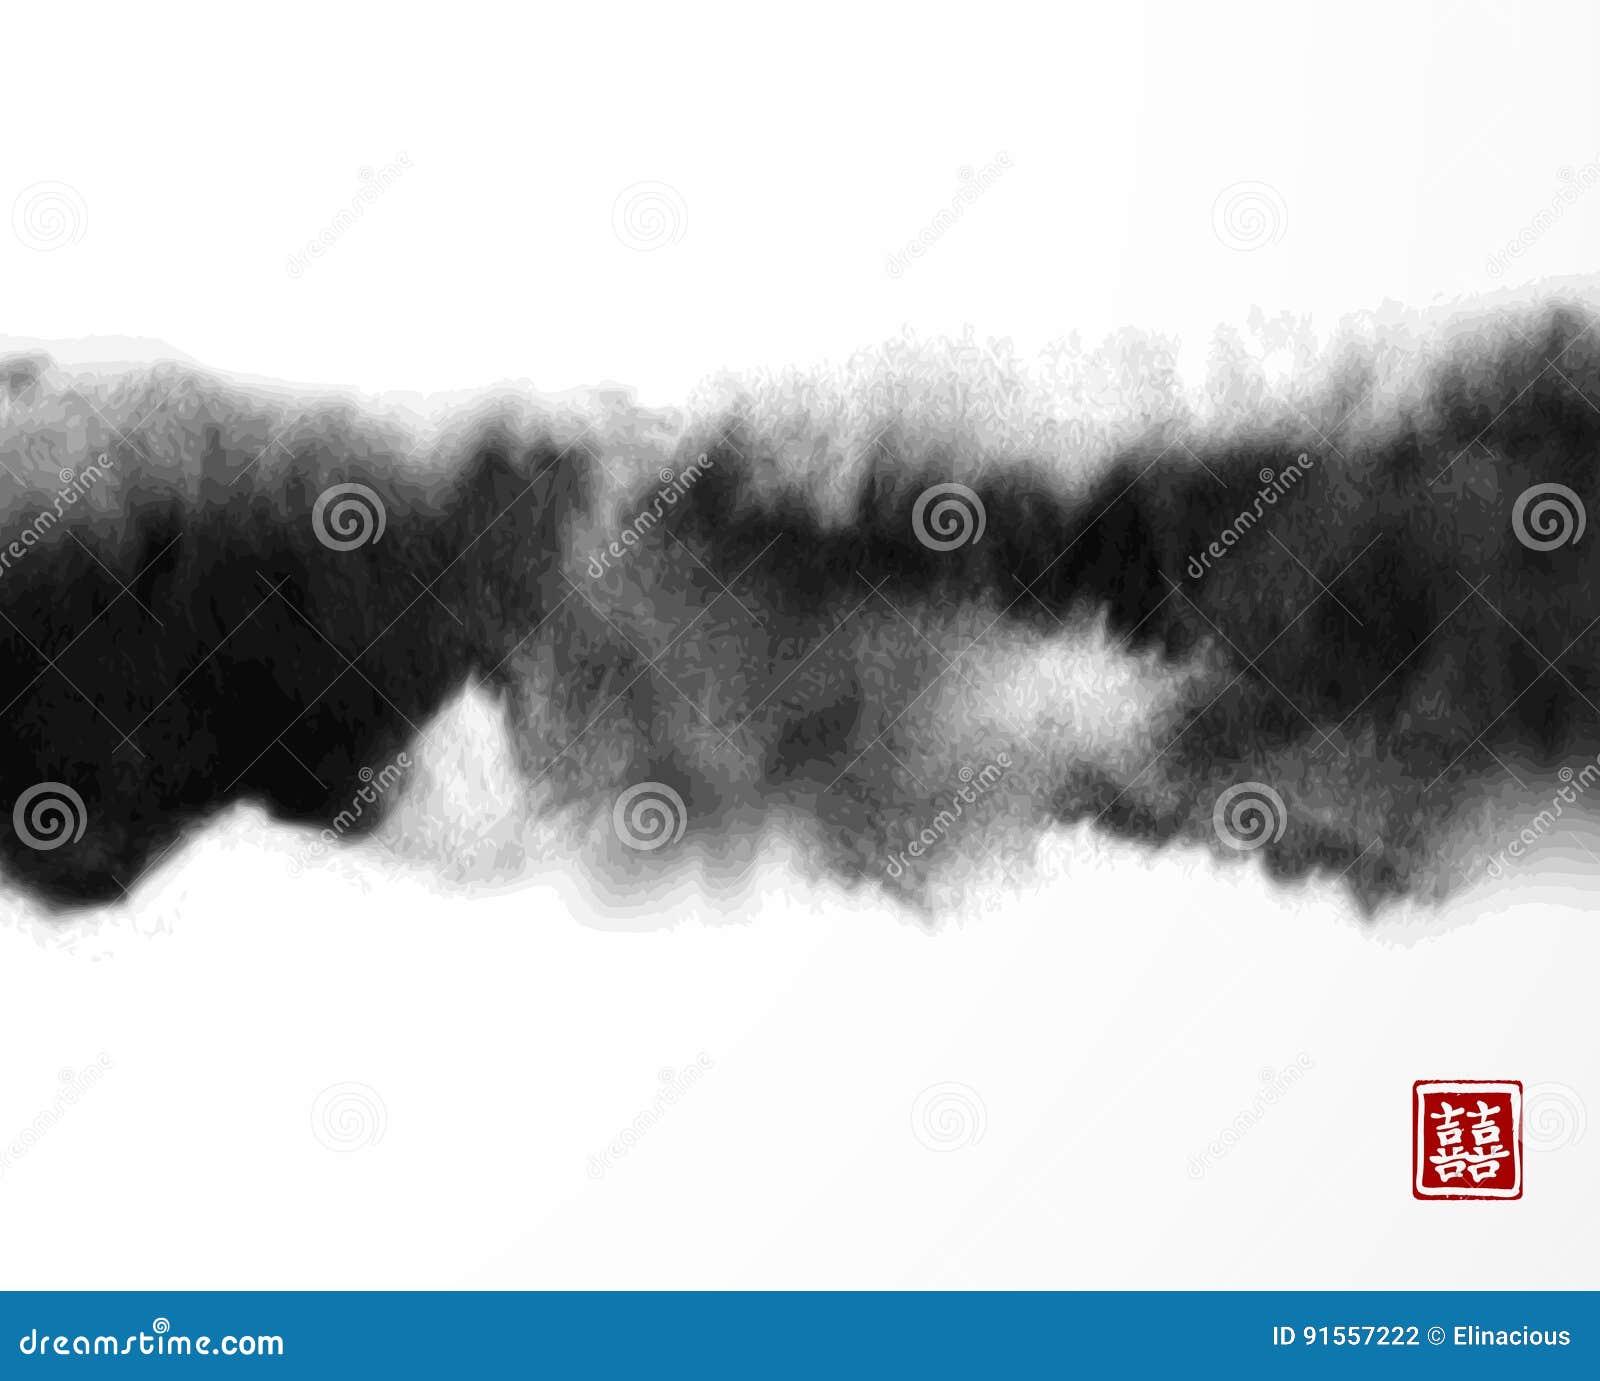 在东亚样式的抽象贷方洗涤绘画 Grunge纹理 包含象形文字-双重运气